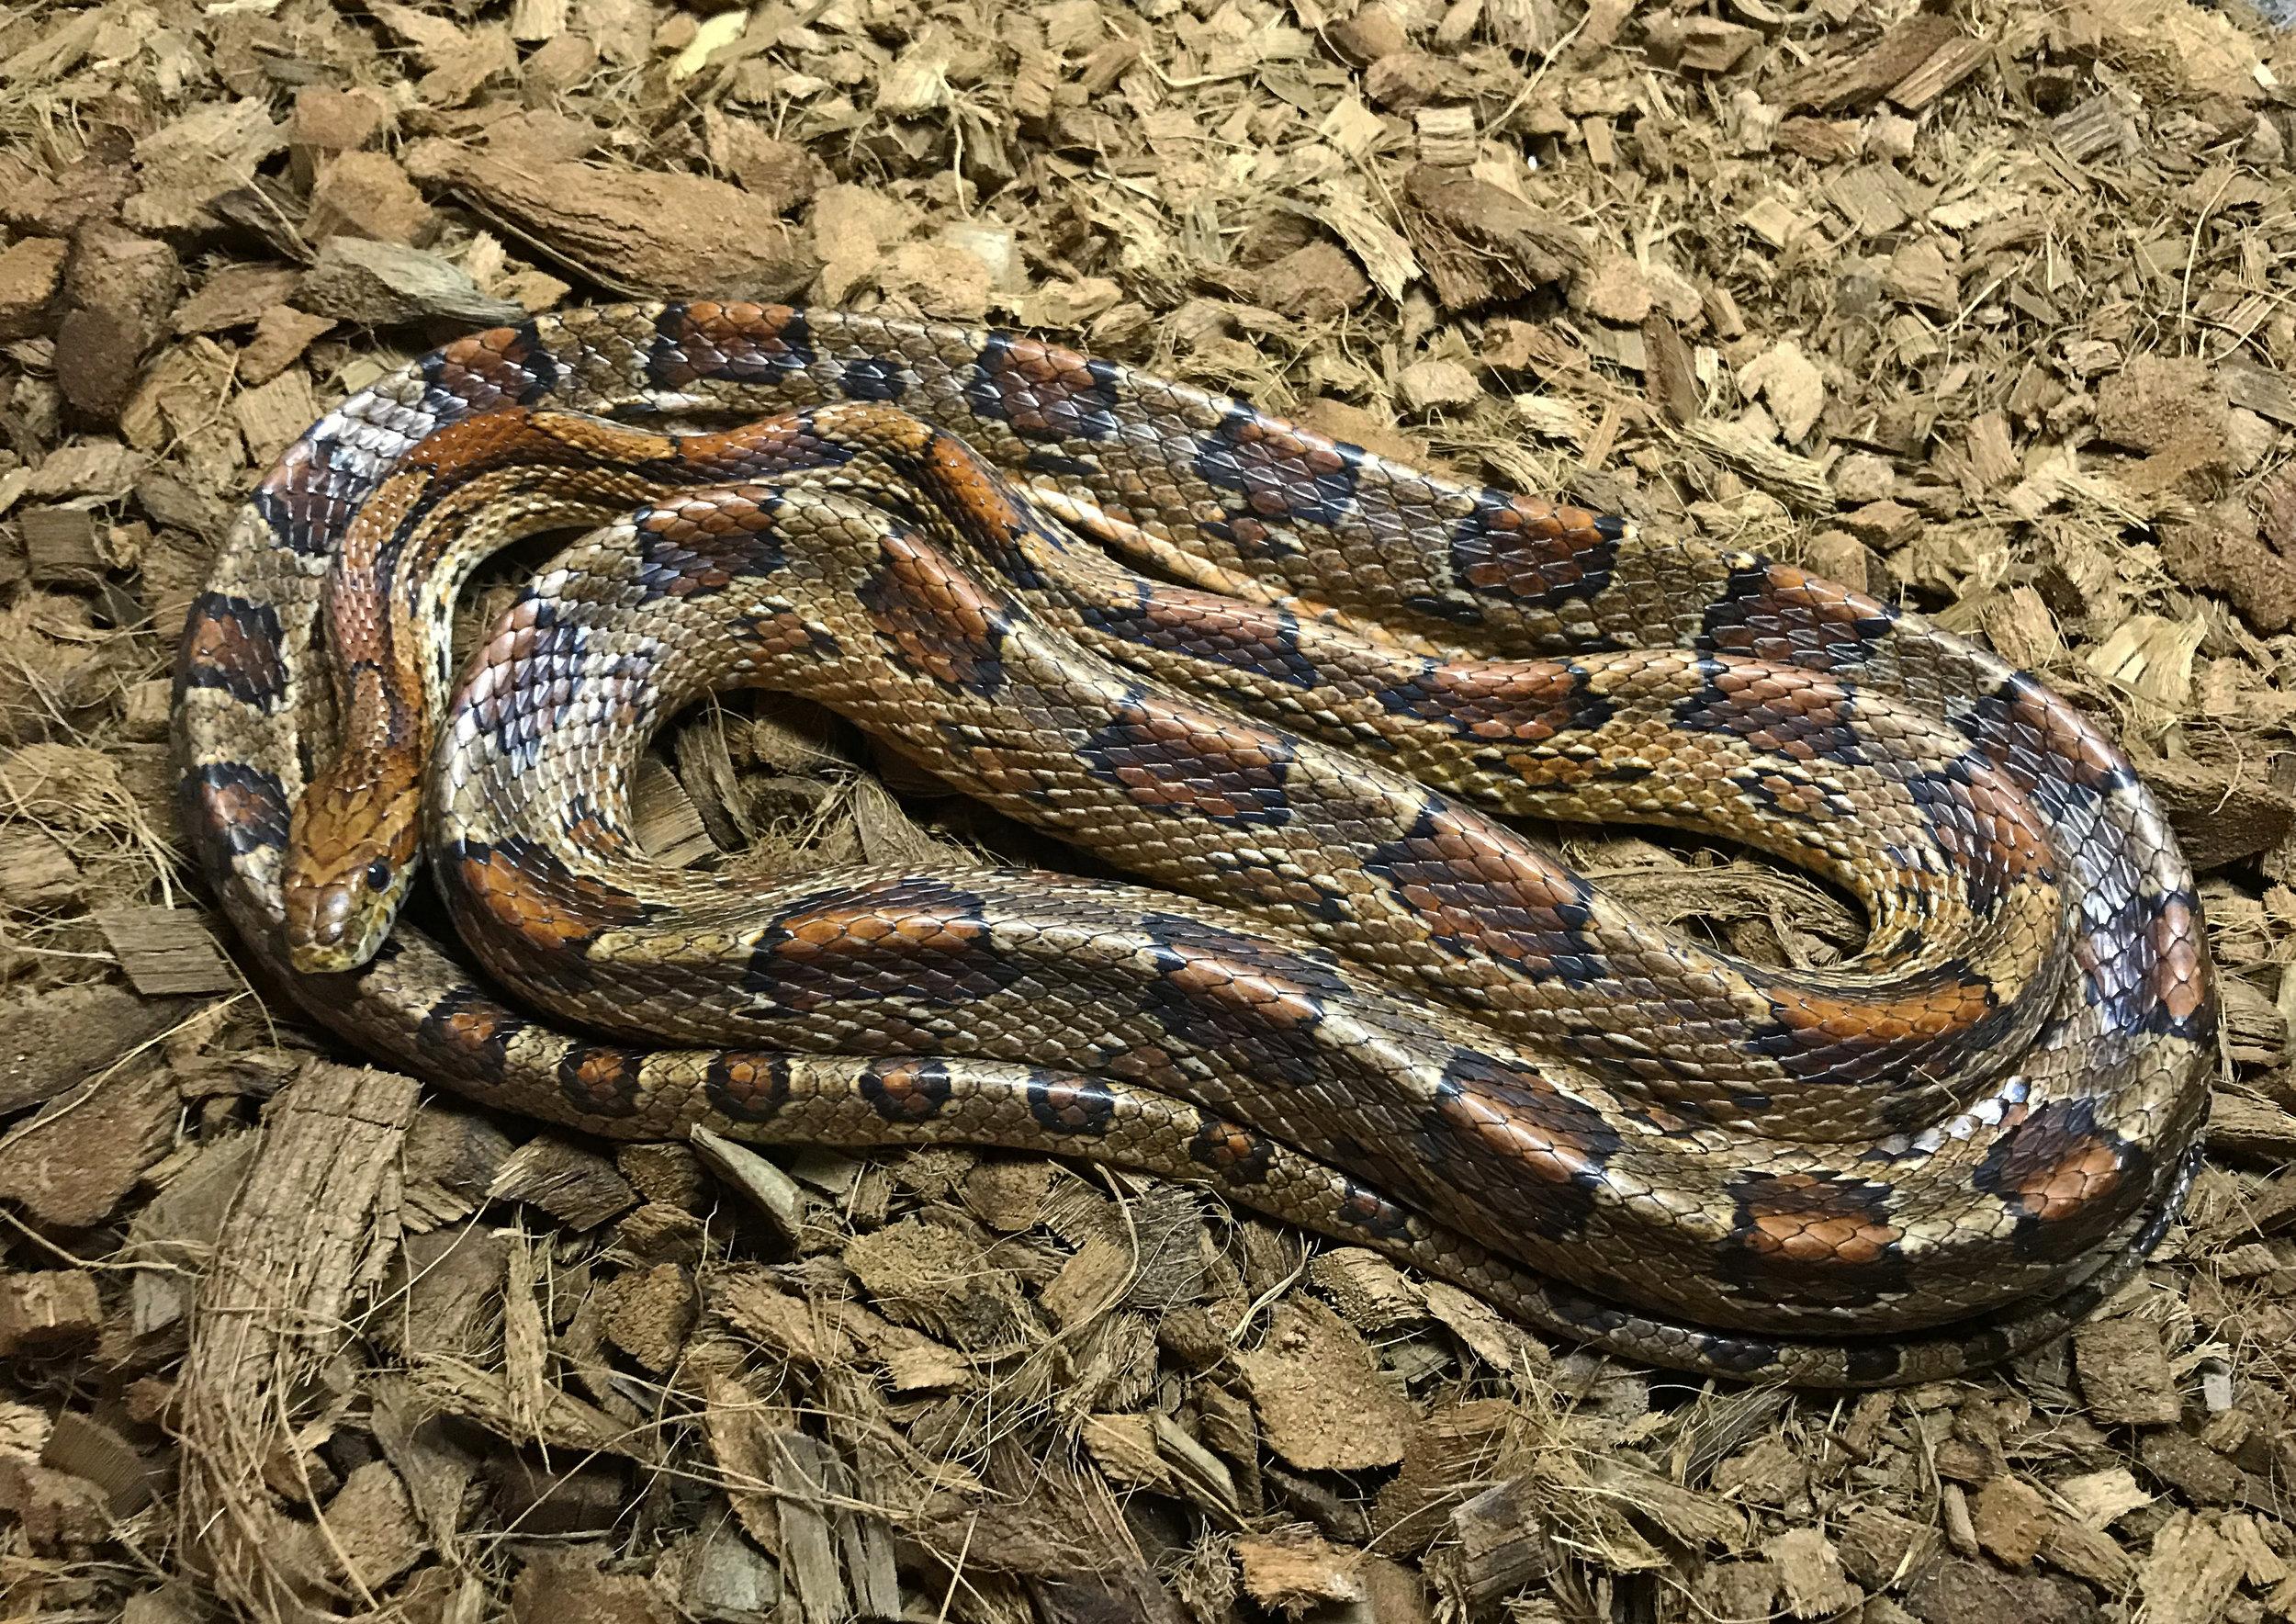 Corn Snake, Elaphe guttata guttata or Pantherophis guttatus guttatus